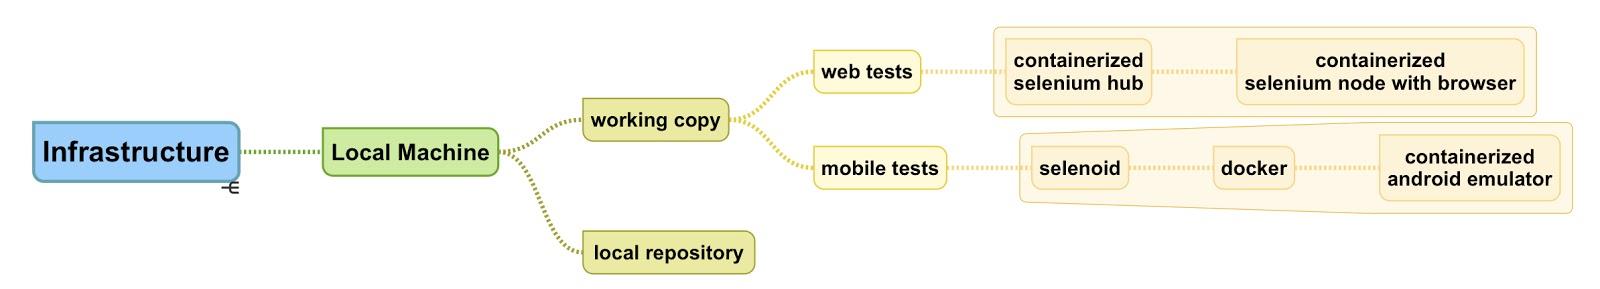 DevOps инструменты не только для DevOps. Процесс построения инфраструктуры автоматизации тестирования с нуля - 14